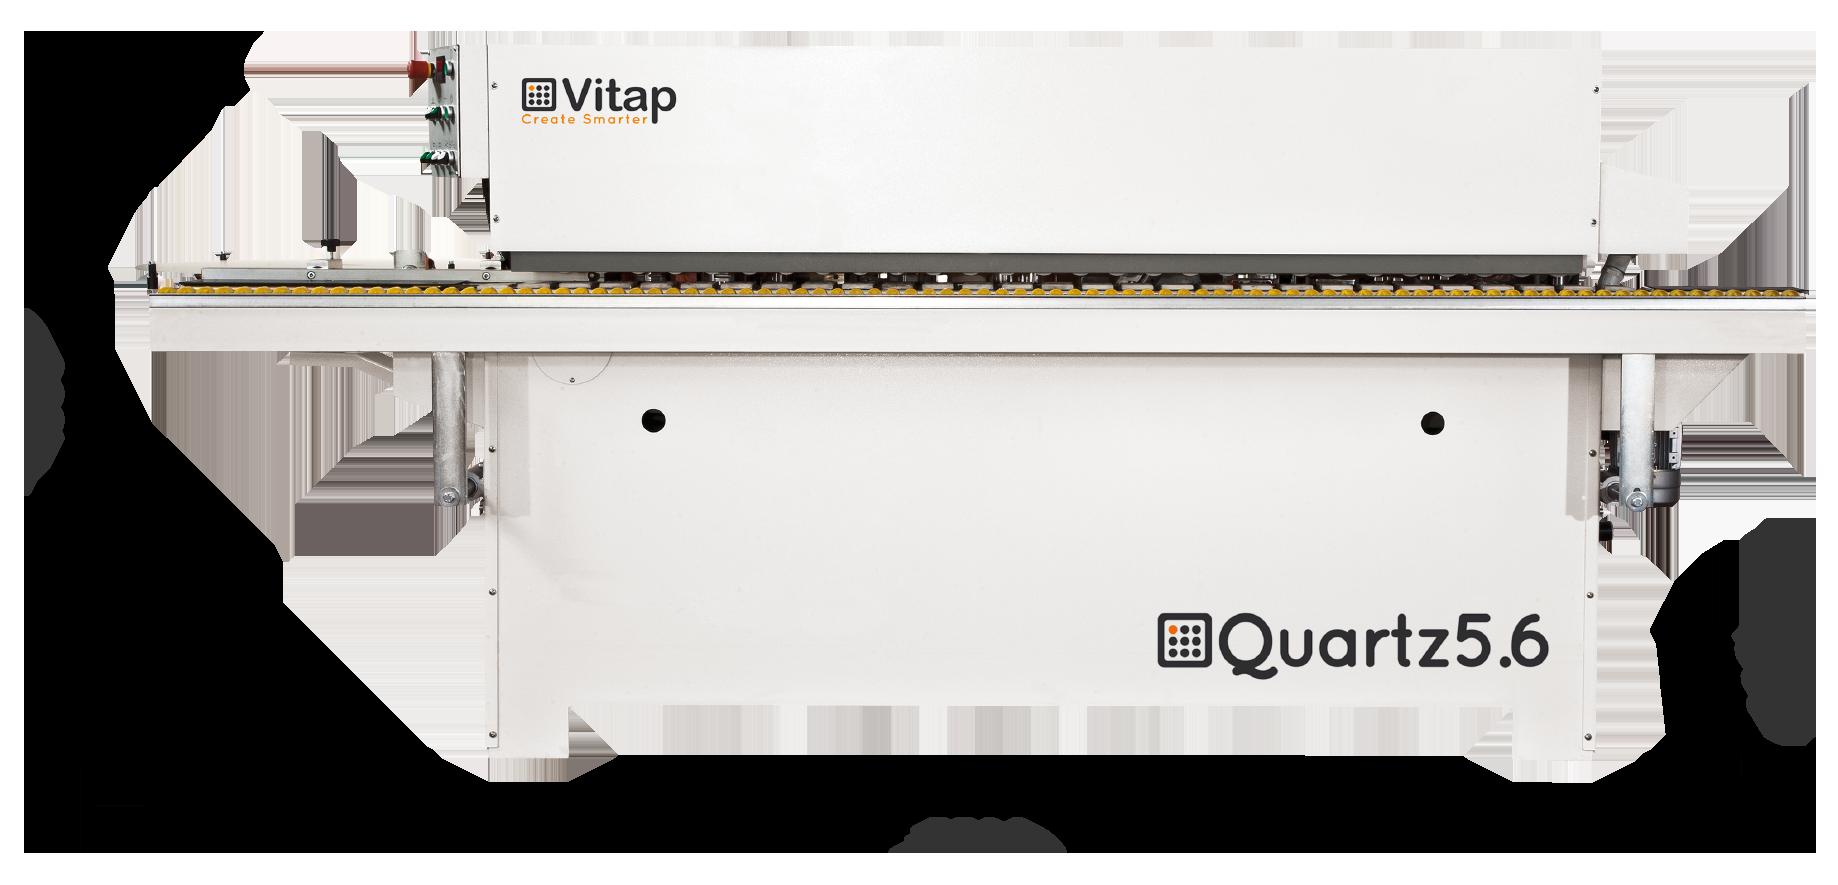 Quartz56